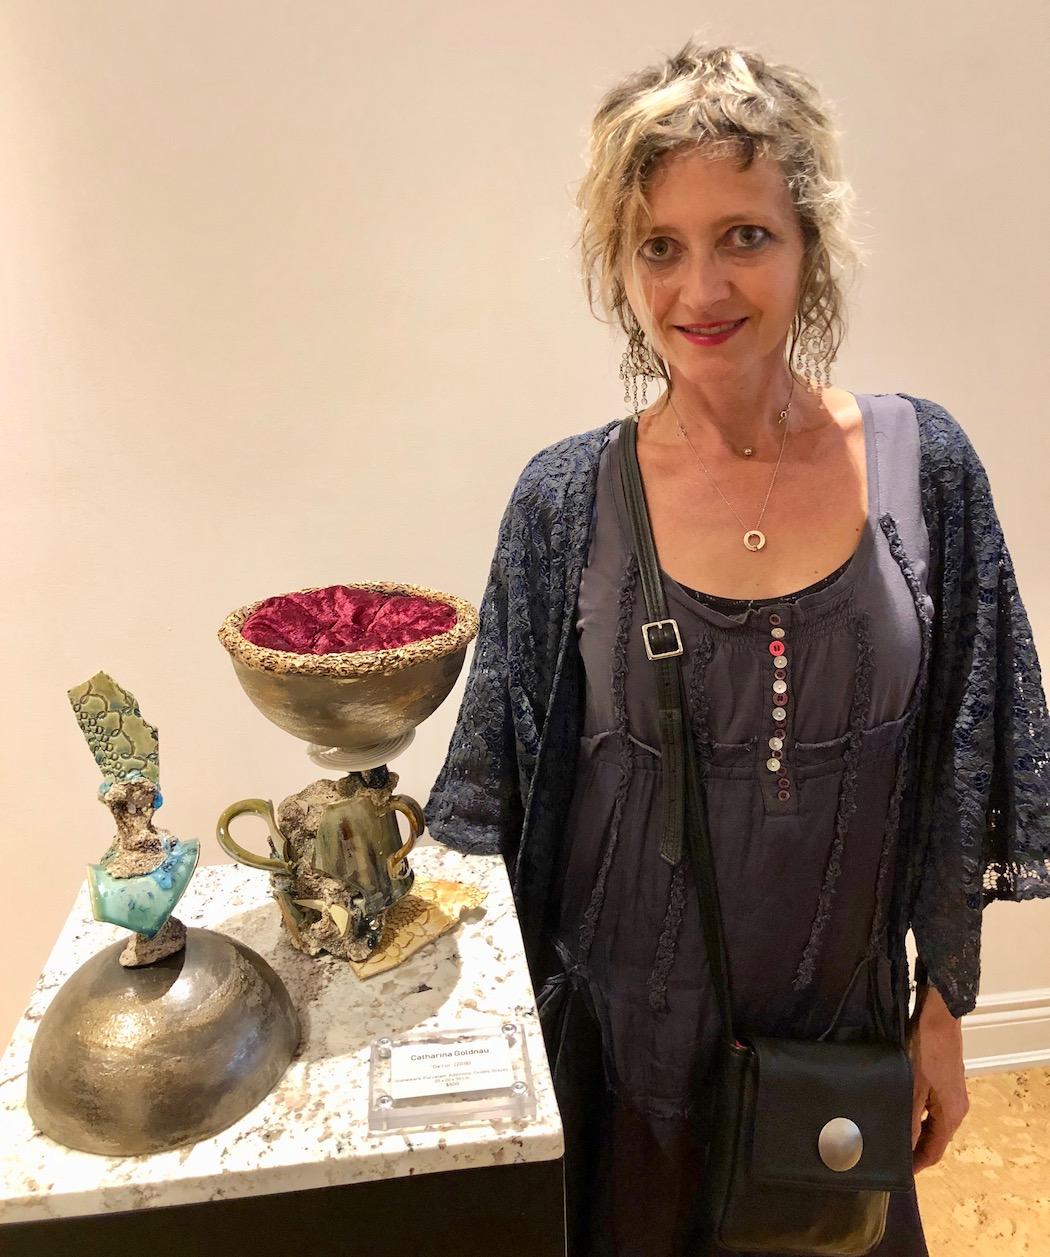 award winning sculpture and artist